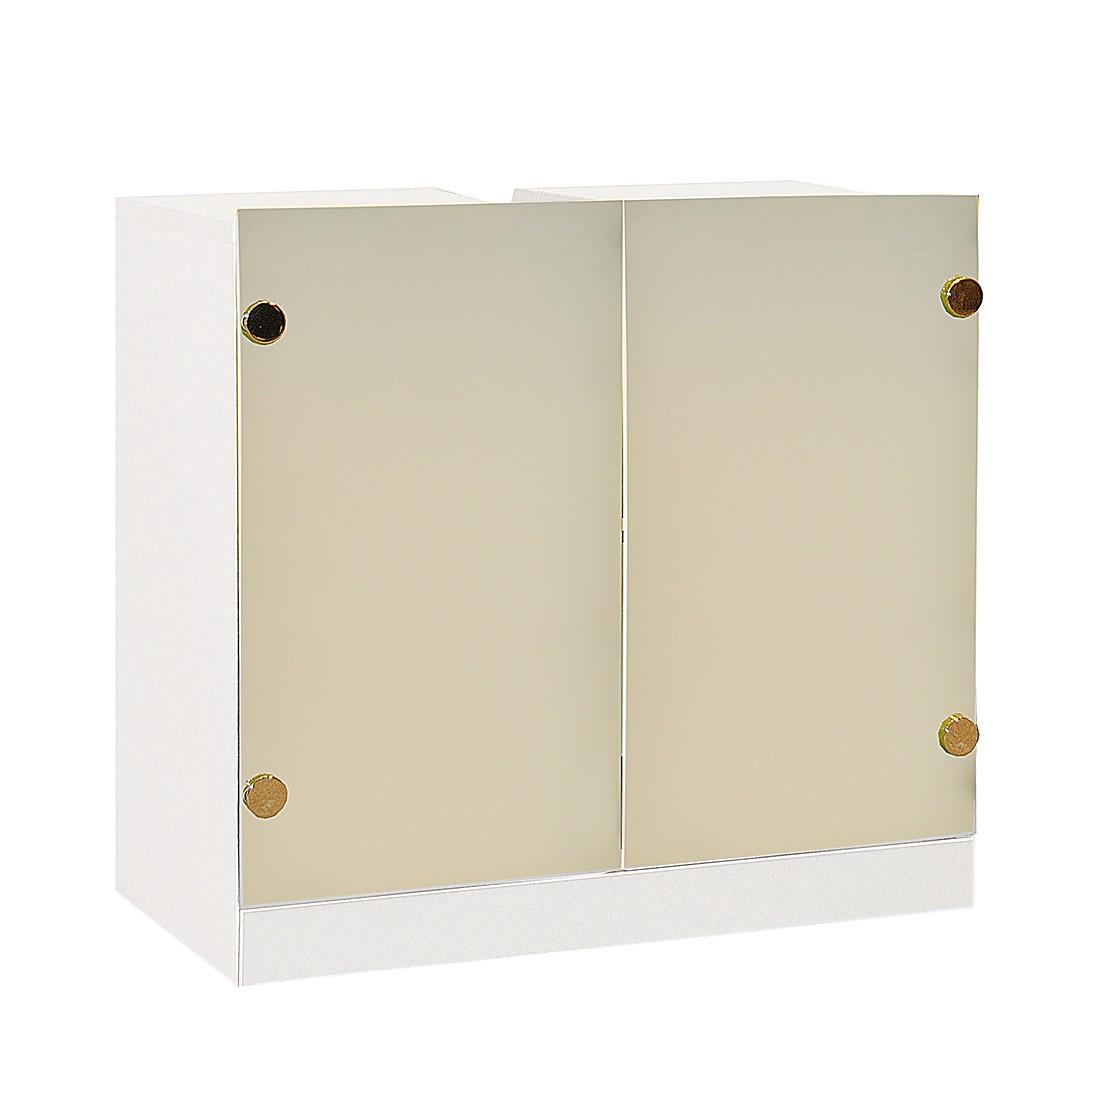 Waschbeckenunterschrank Glamour - Satiniert/Weiß